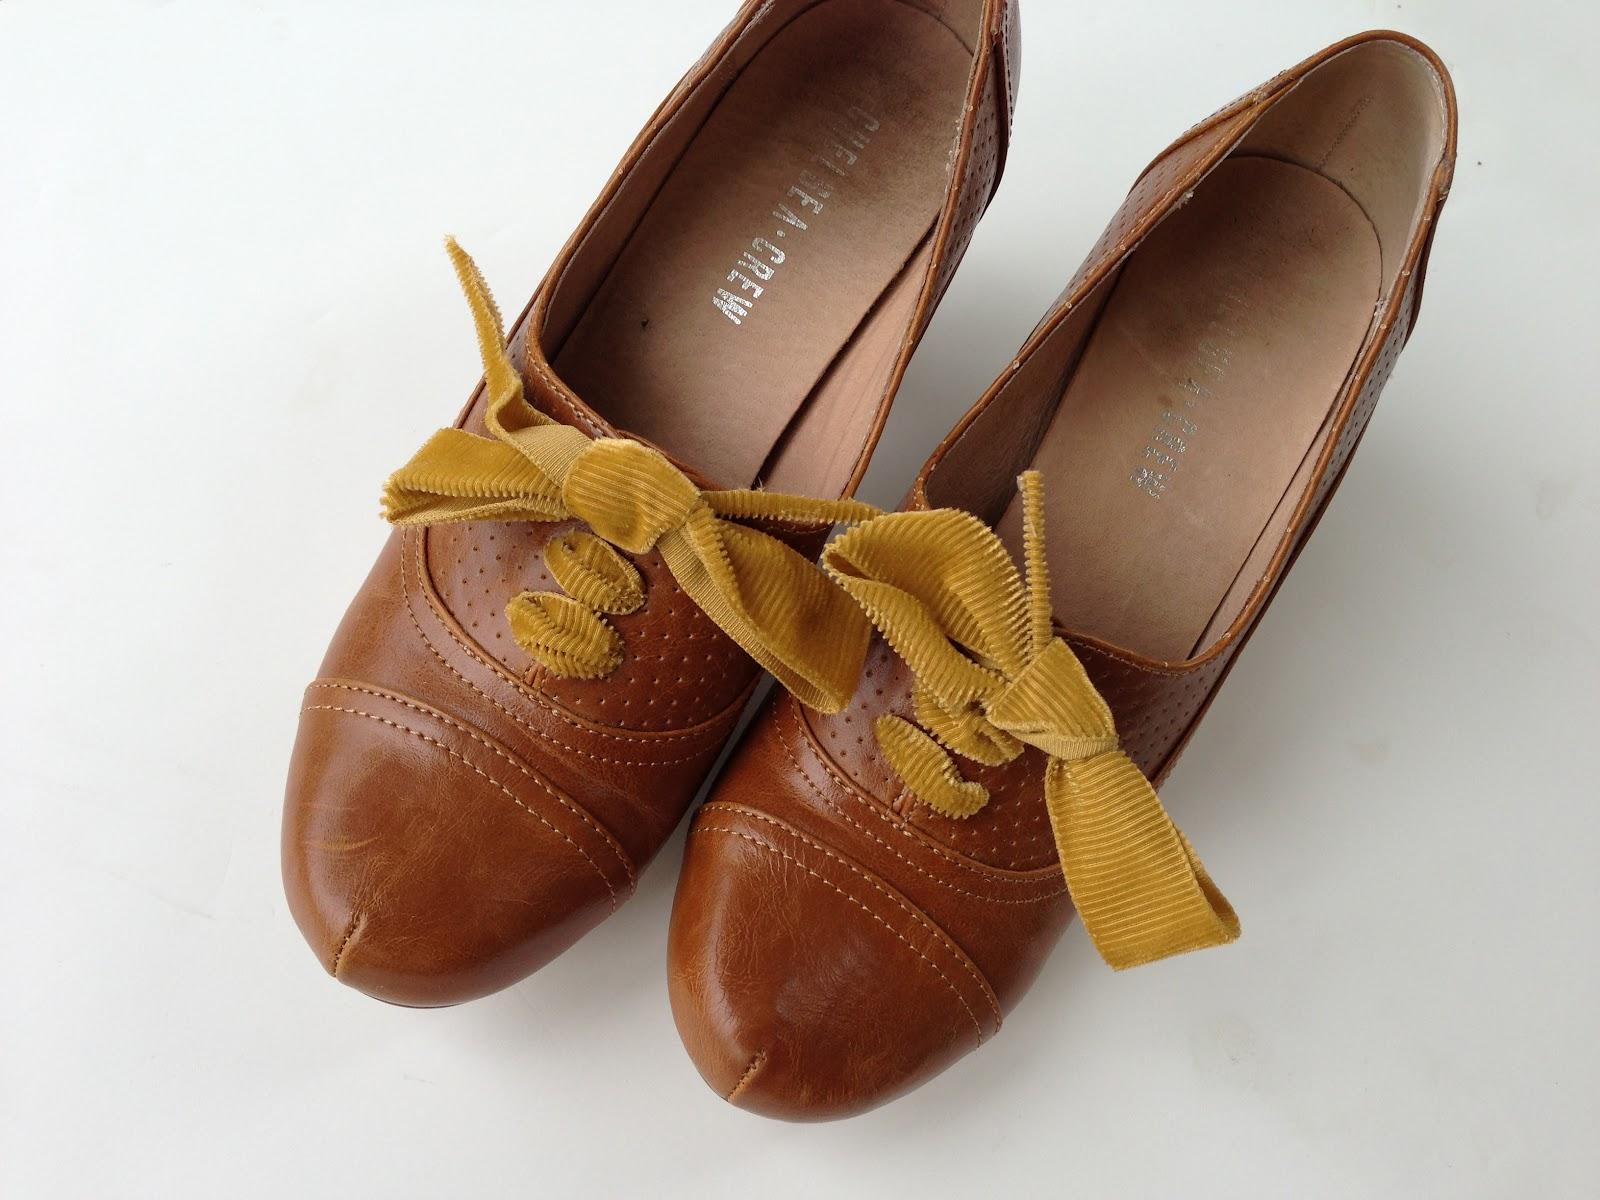 Vintage Shoe Laces